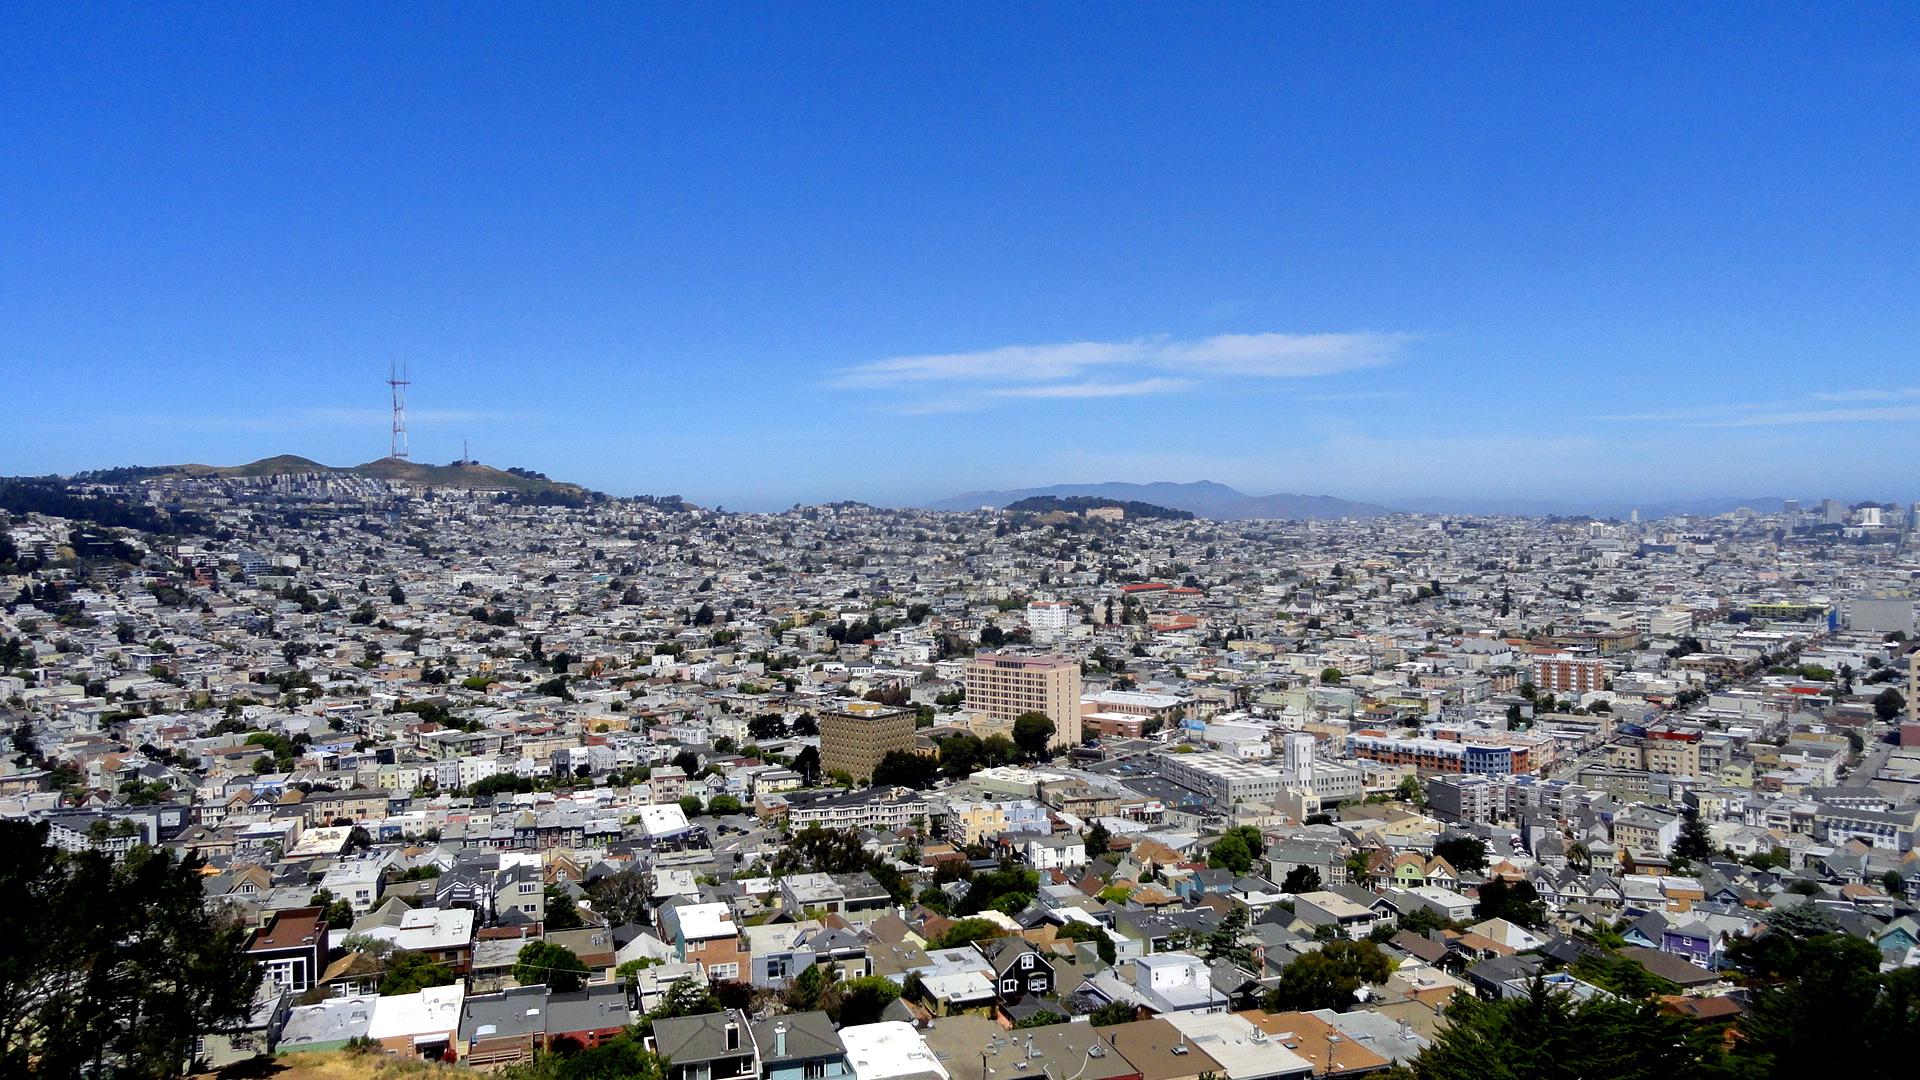 City from Bernal